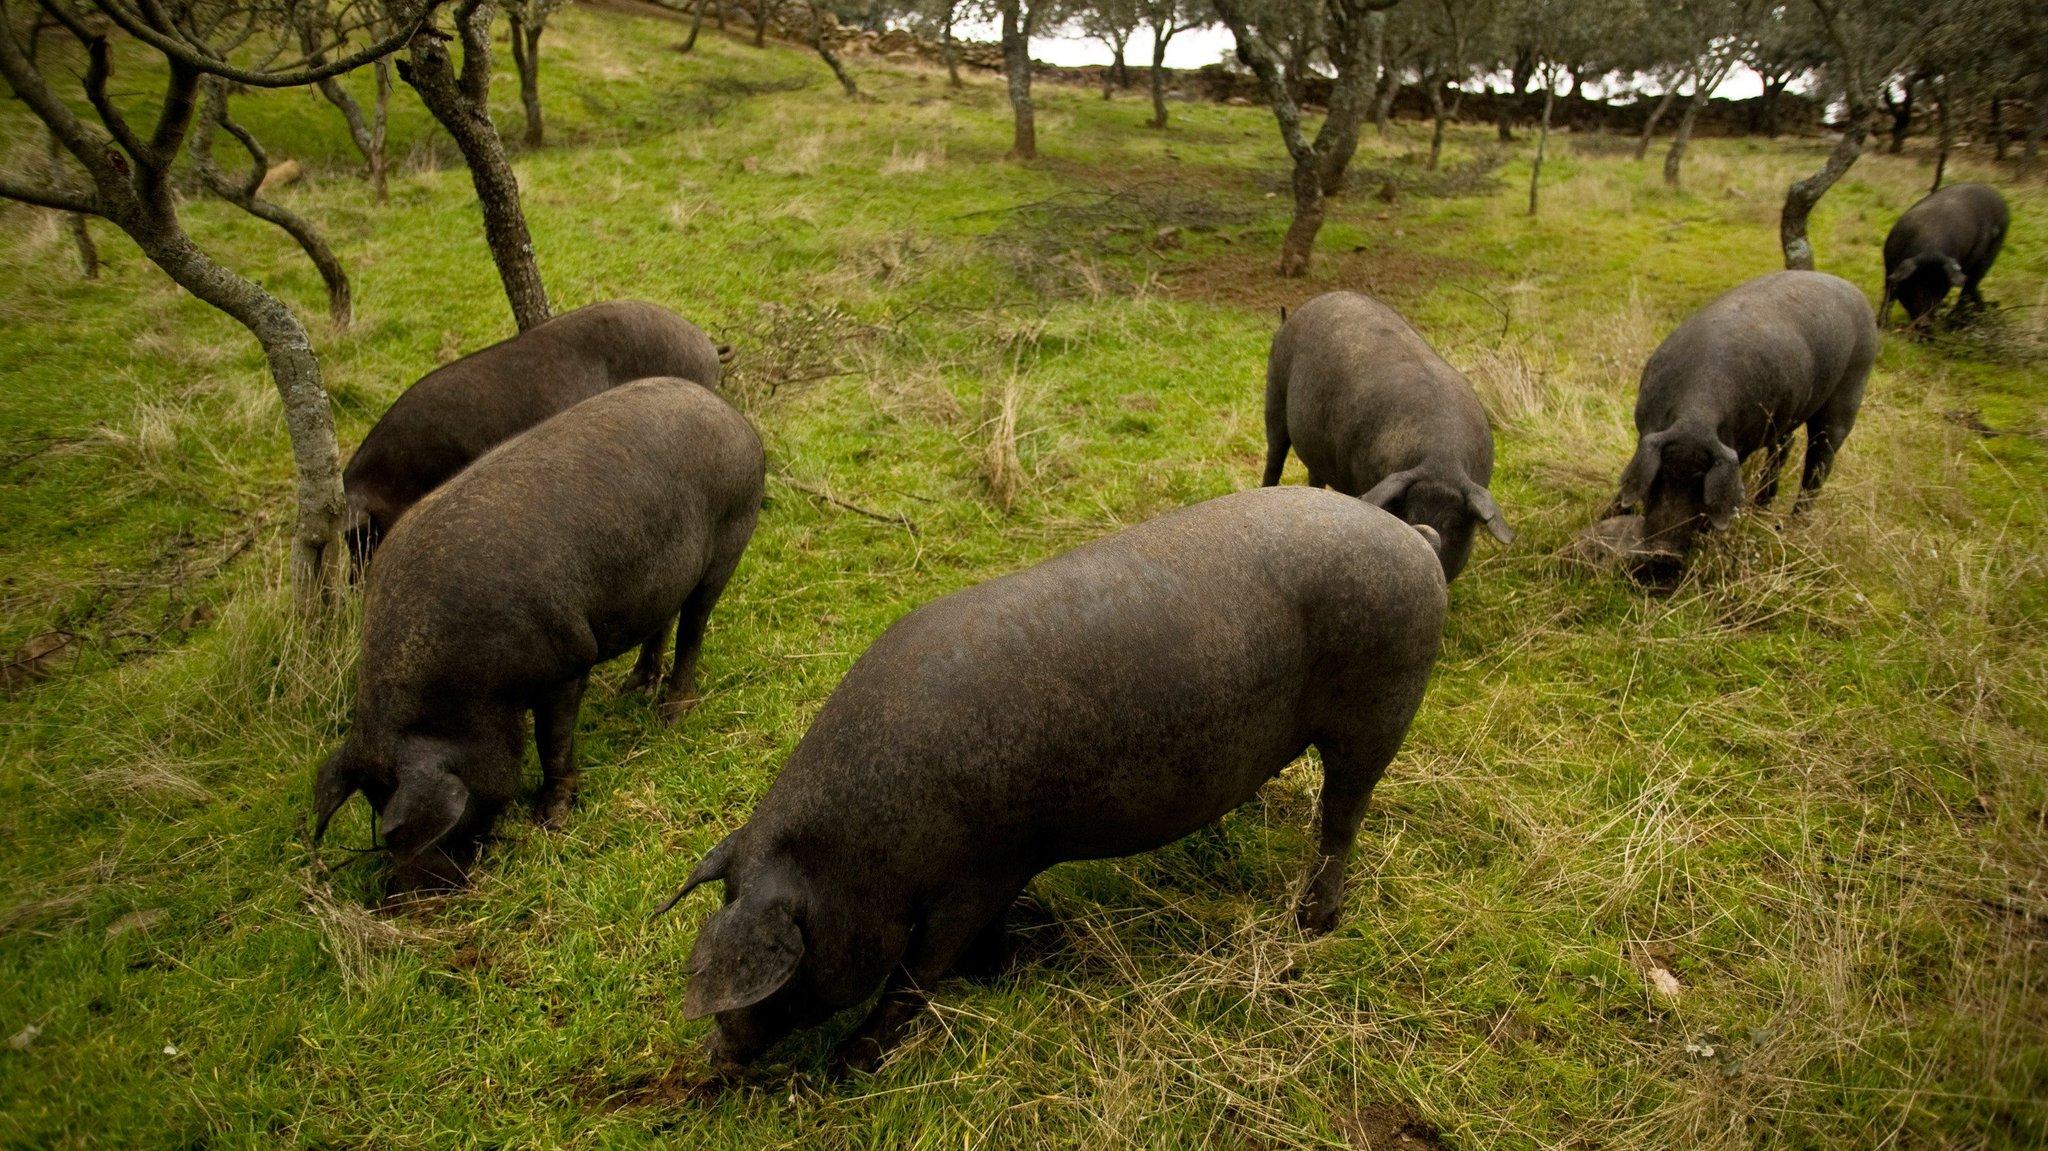 Wow, Spain sure has a lot of pigs https://t.co/rKqzTGwijk https://t.co/SBId0XywuD